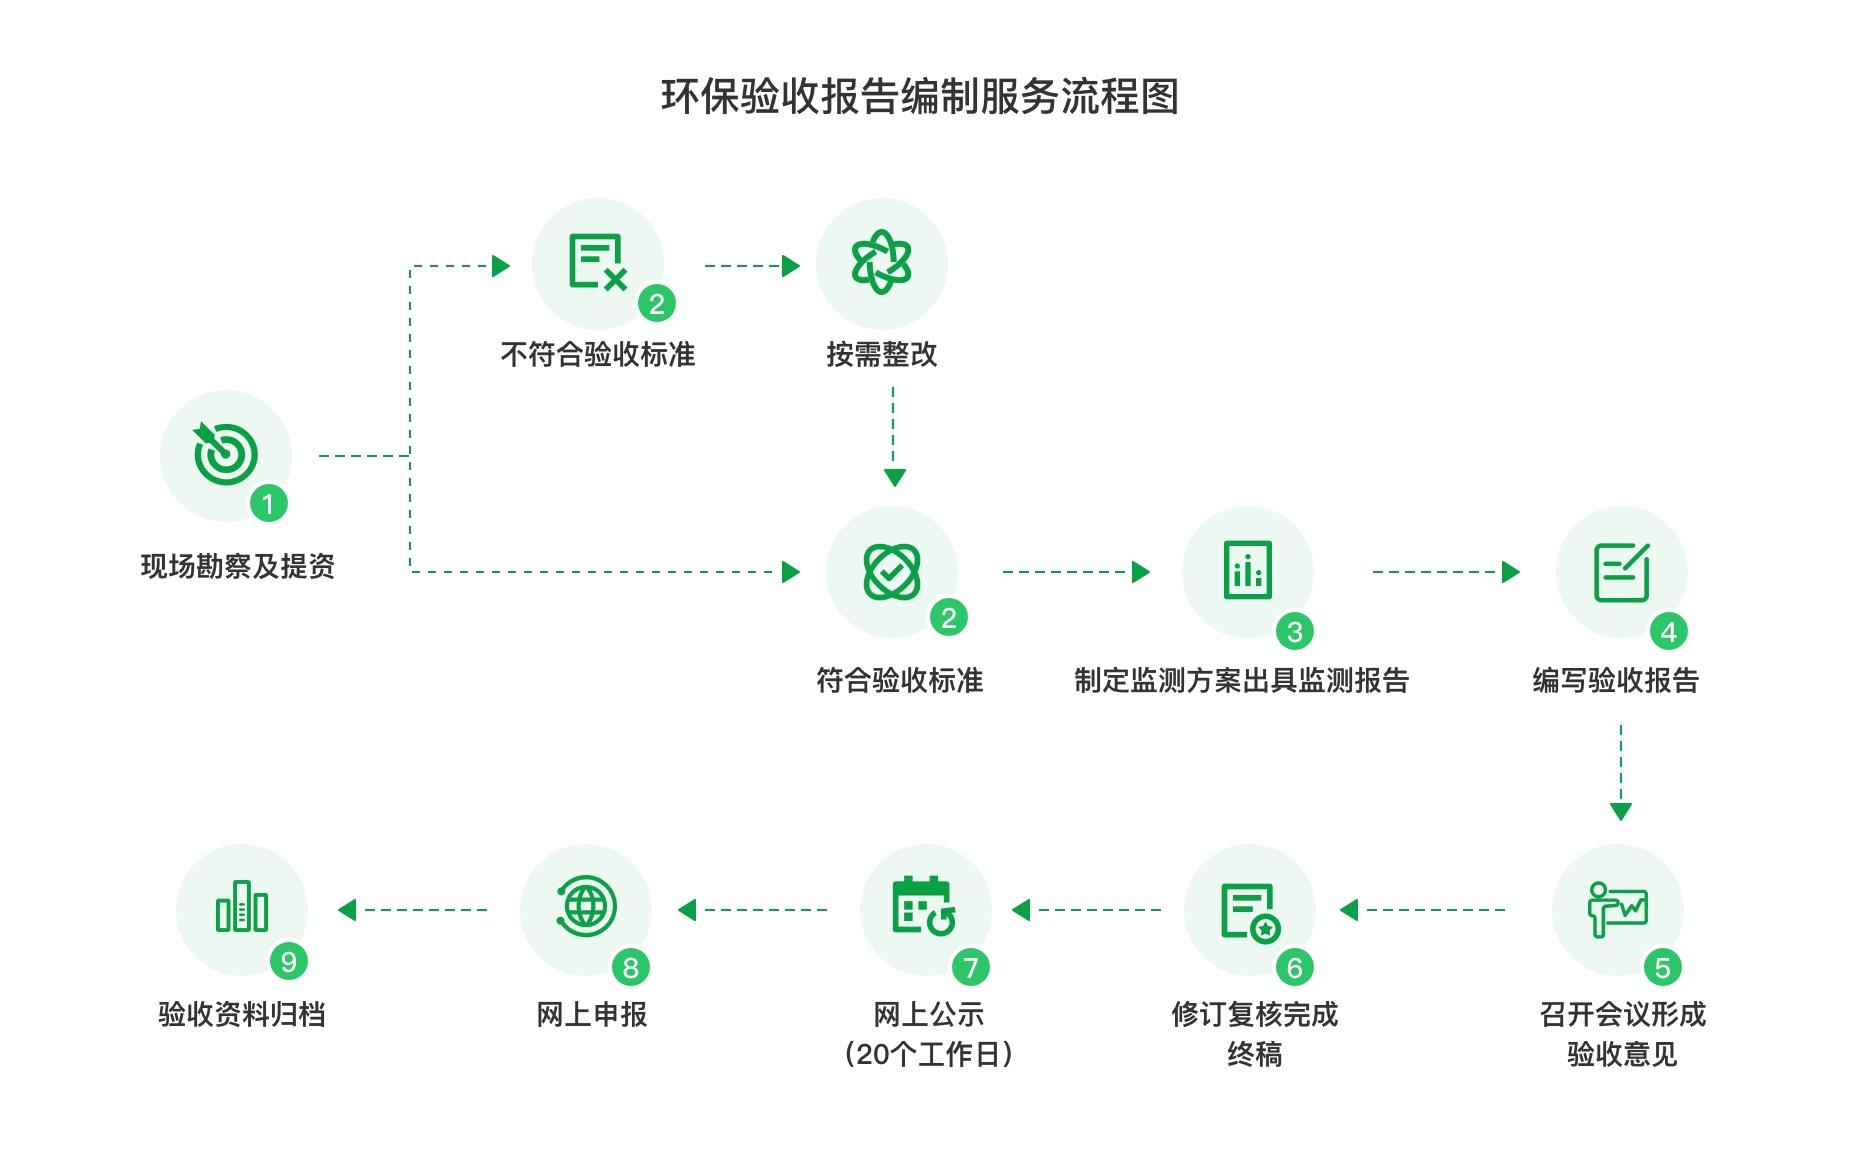 環保驗收報告編制服務流程圖.jpg